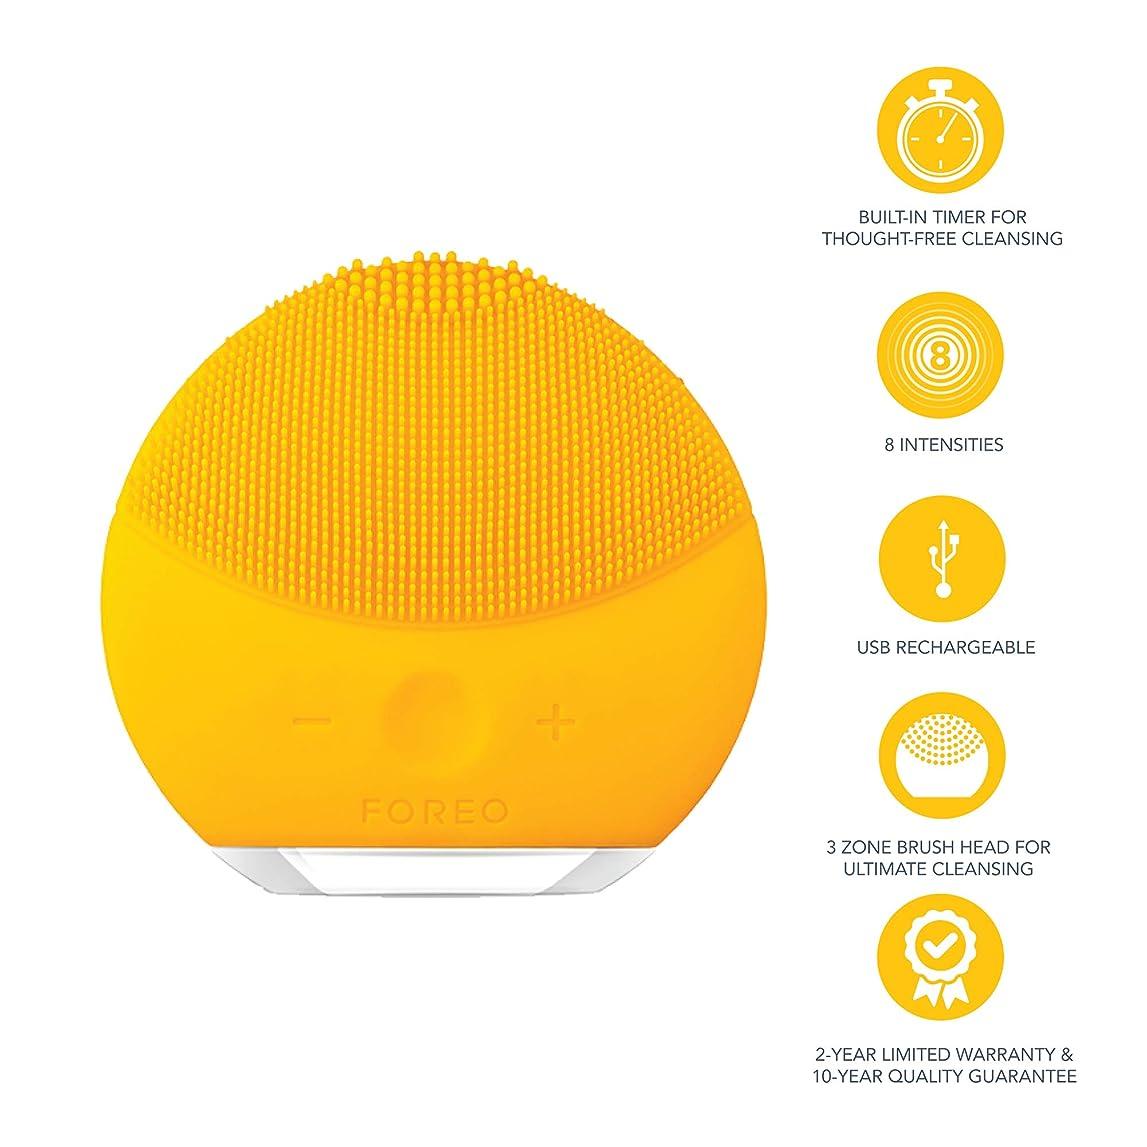 不毛設計遅れFOREO LUNA mini 2 サンフラワーイエロー 電動洗顔ブラシ シリコーン製 音波振動